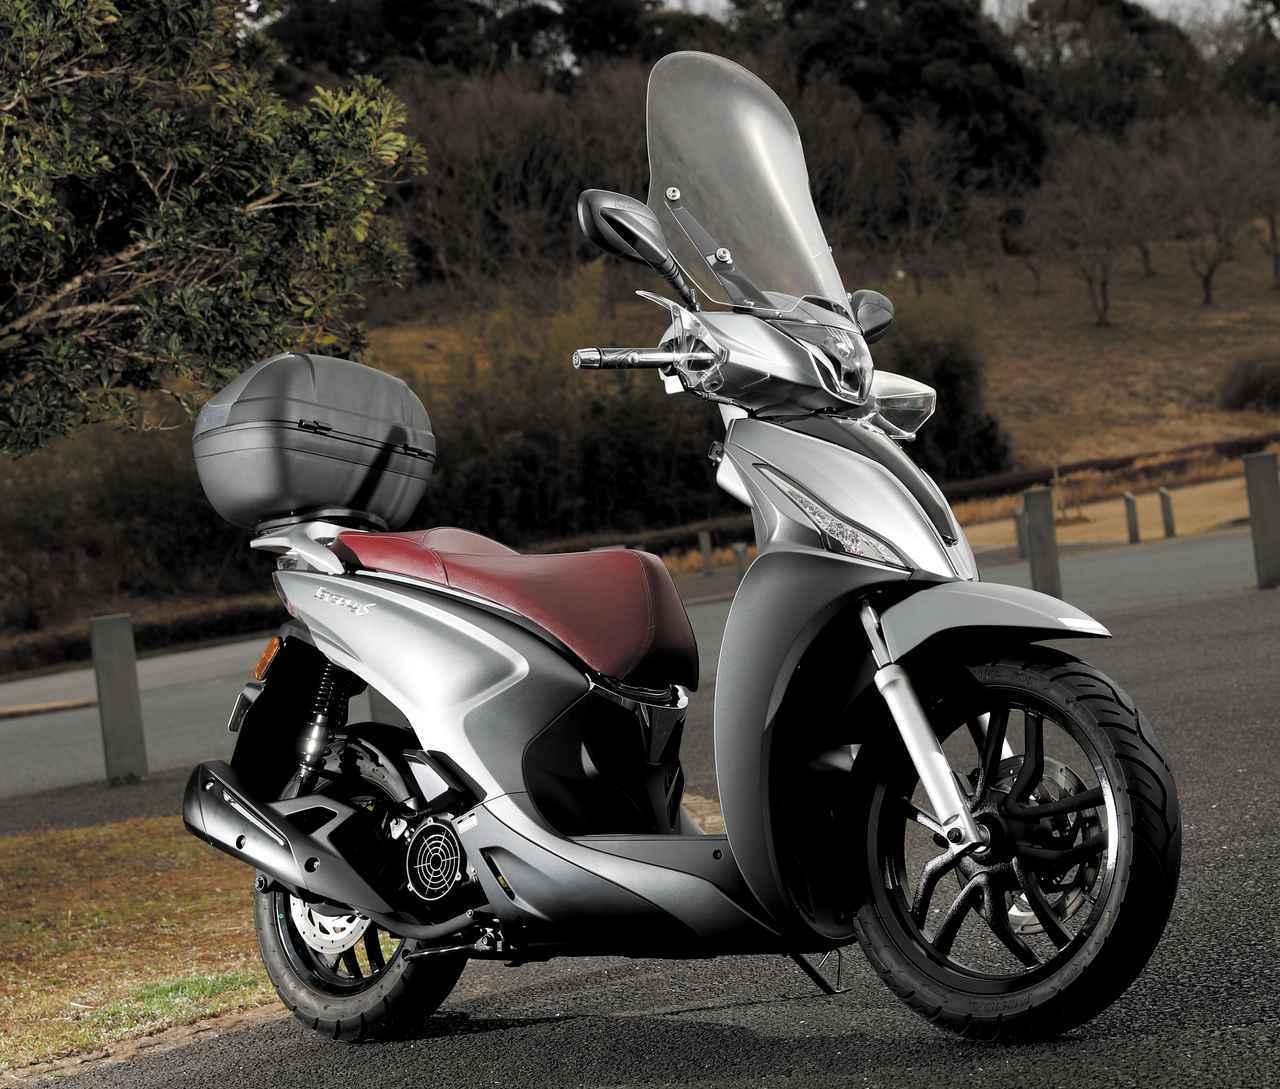 画像: このパッケージで税込27万円! 圧倒的なコスパを誇るキムコ「ターセリーS 125」を試乗インプレション - webオートバイ